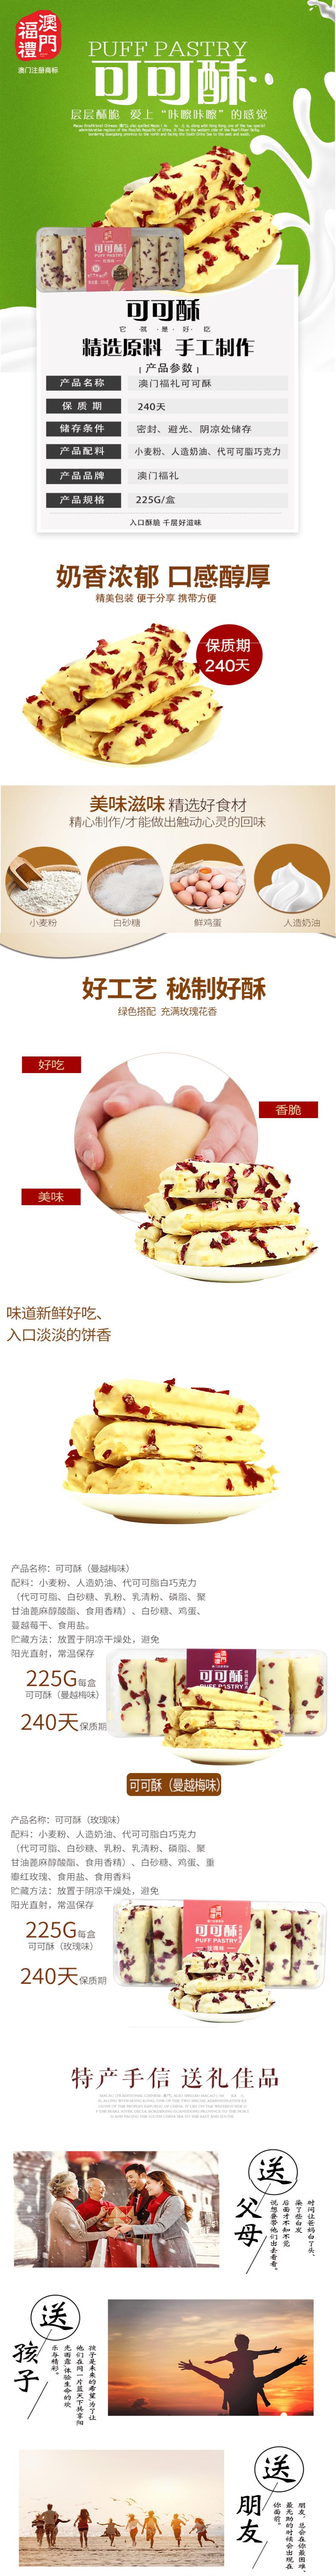 可可酥详情页1@凡科快图.png